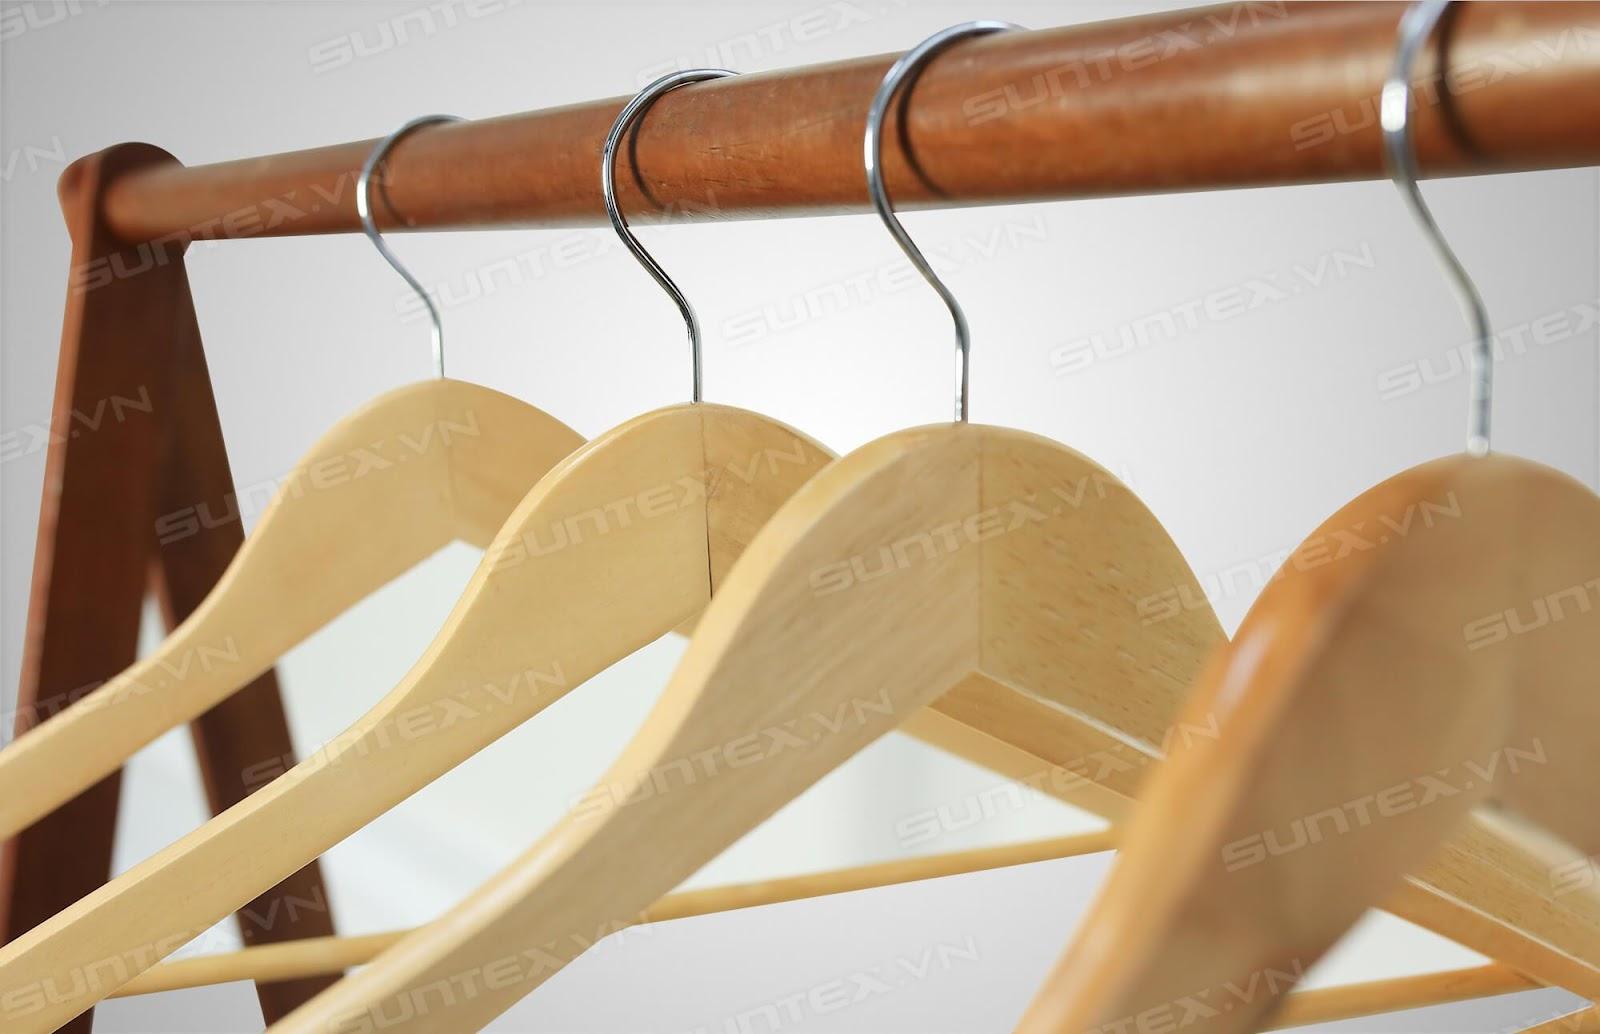 Móc treo gỗ có những ưu điểm gì nổi bật?